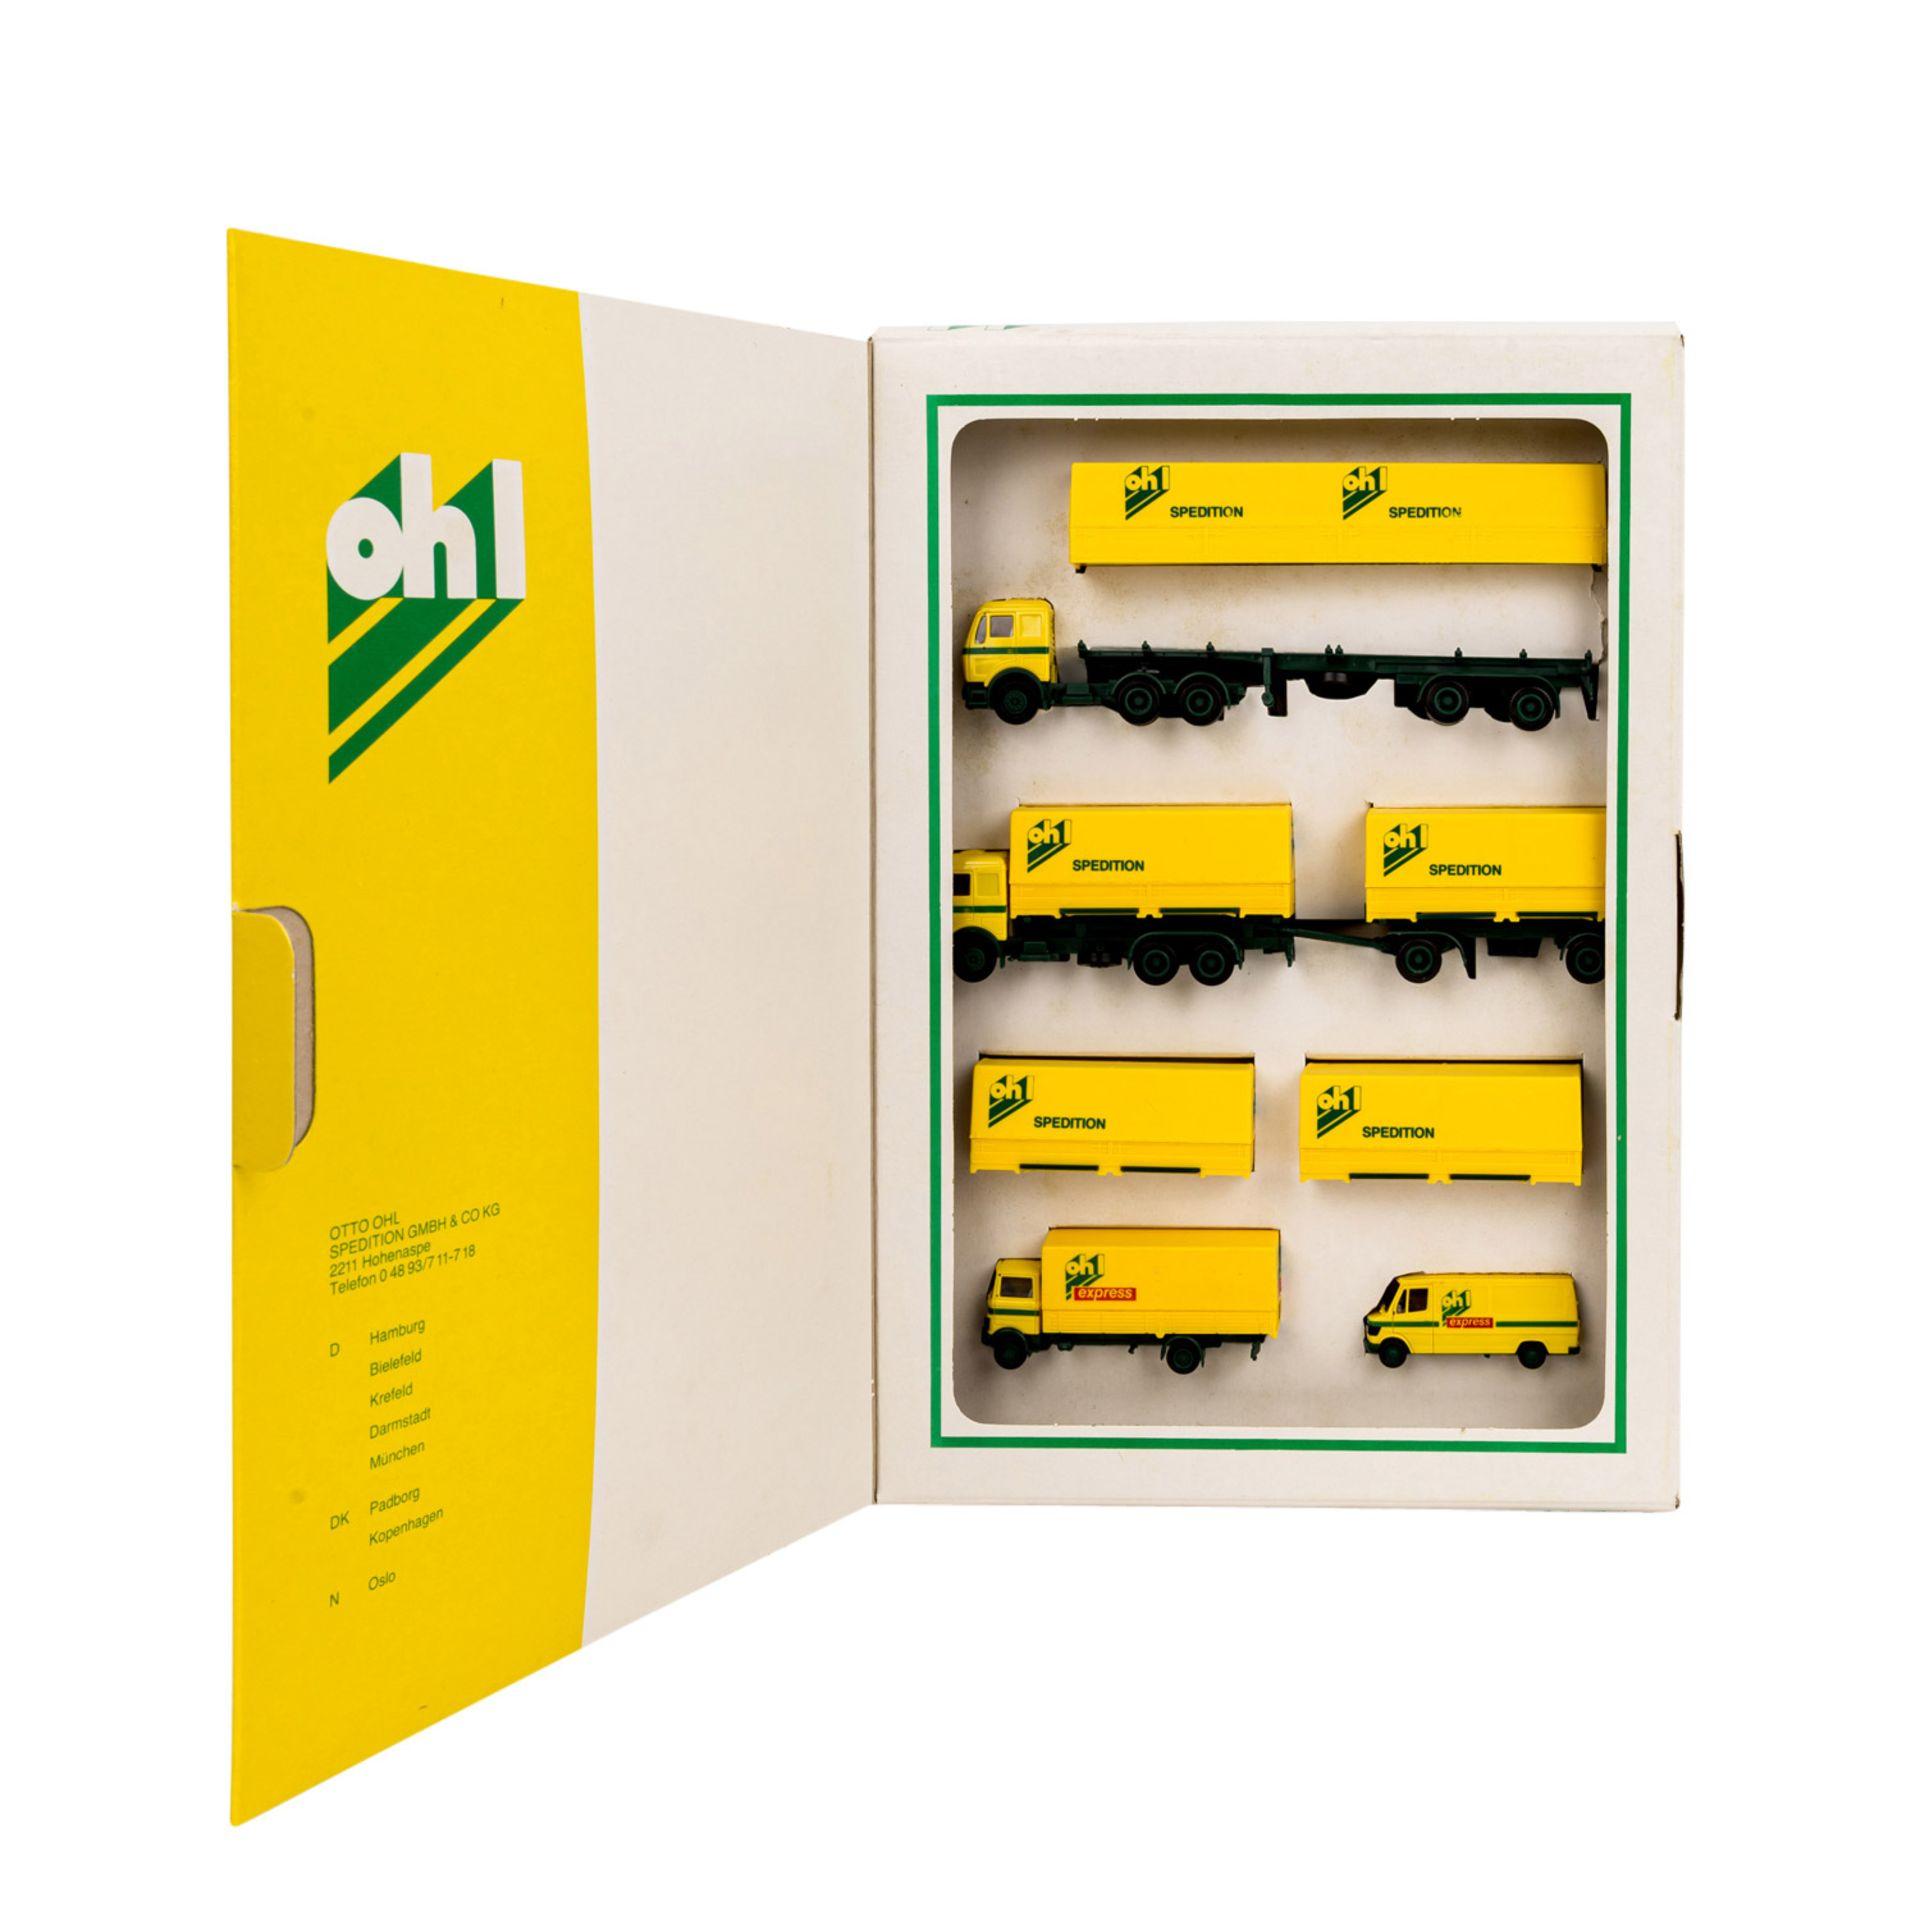 HERPA Konvolut von 30 Fahrzeugen in 10 Packungen im Maßstab 1:87,darunter Sonderausga - Image 4 of 5